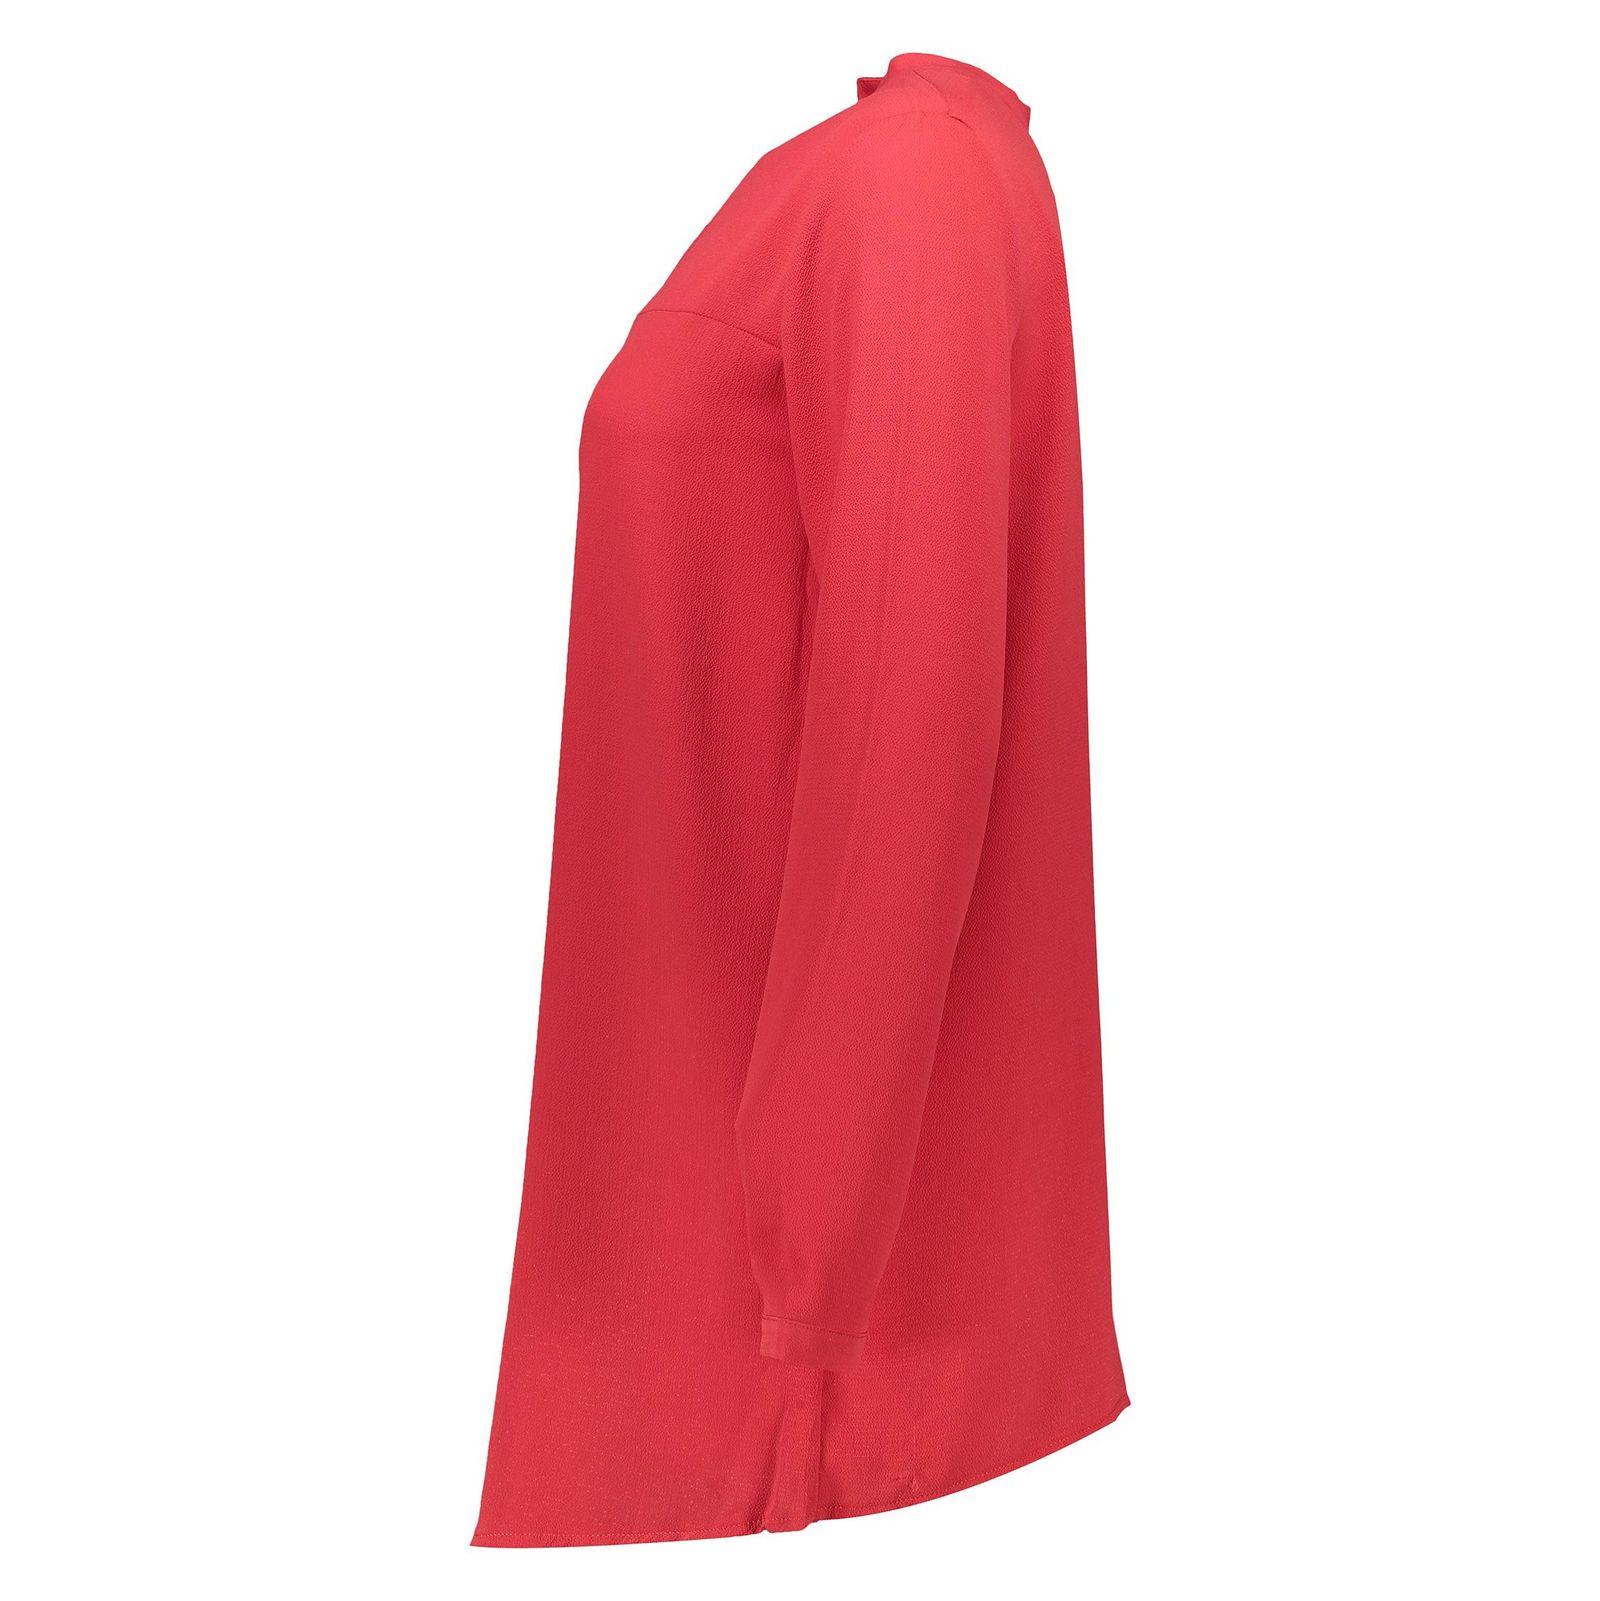 تونیک آستین بلند زنانه - دفکتو - قرمز - 4